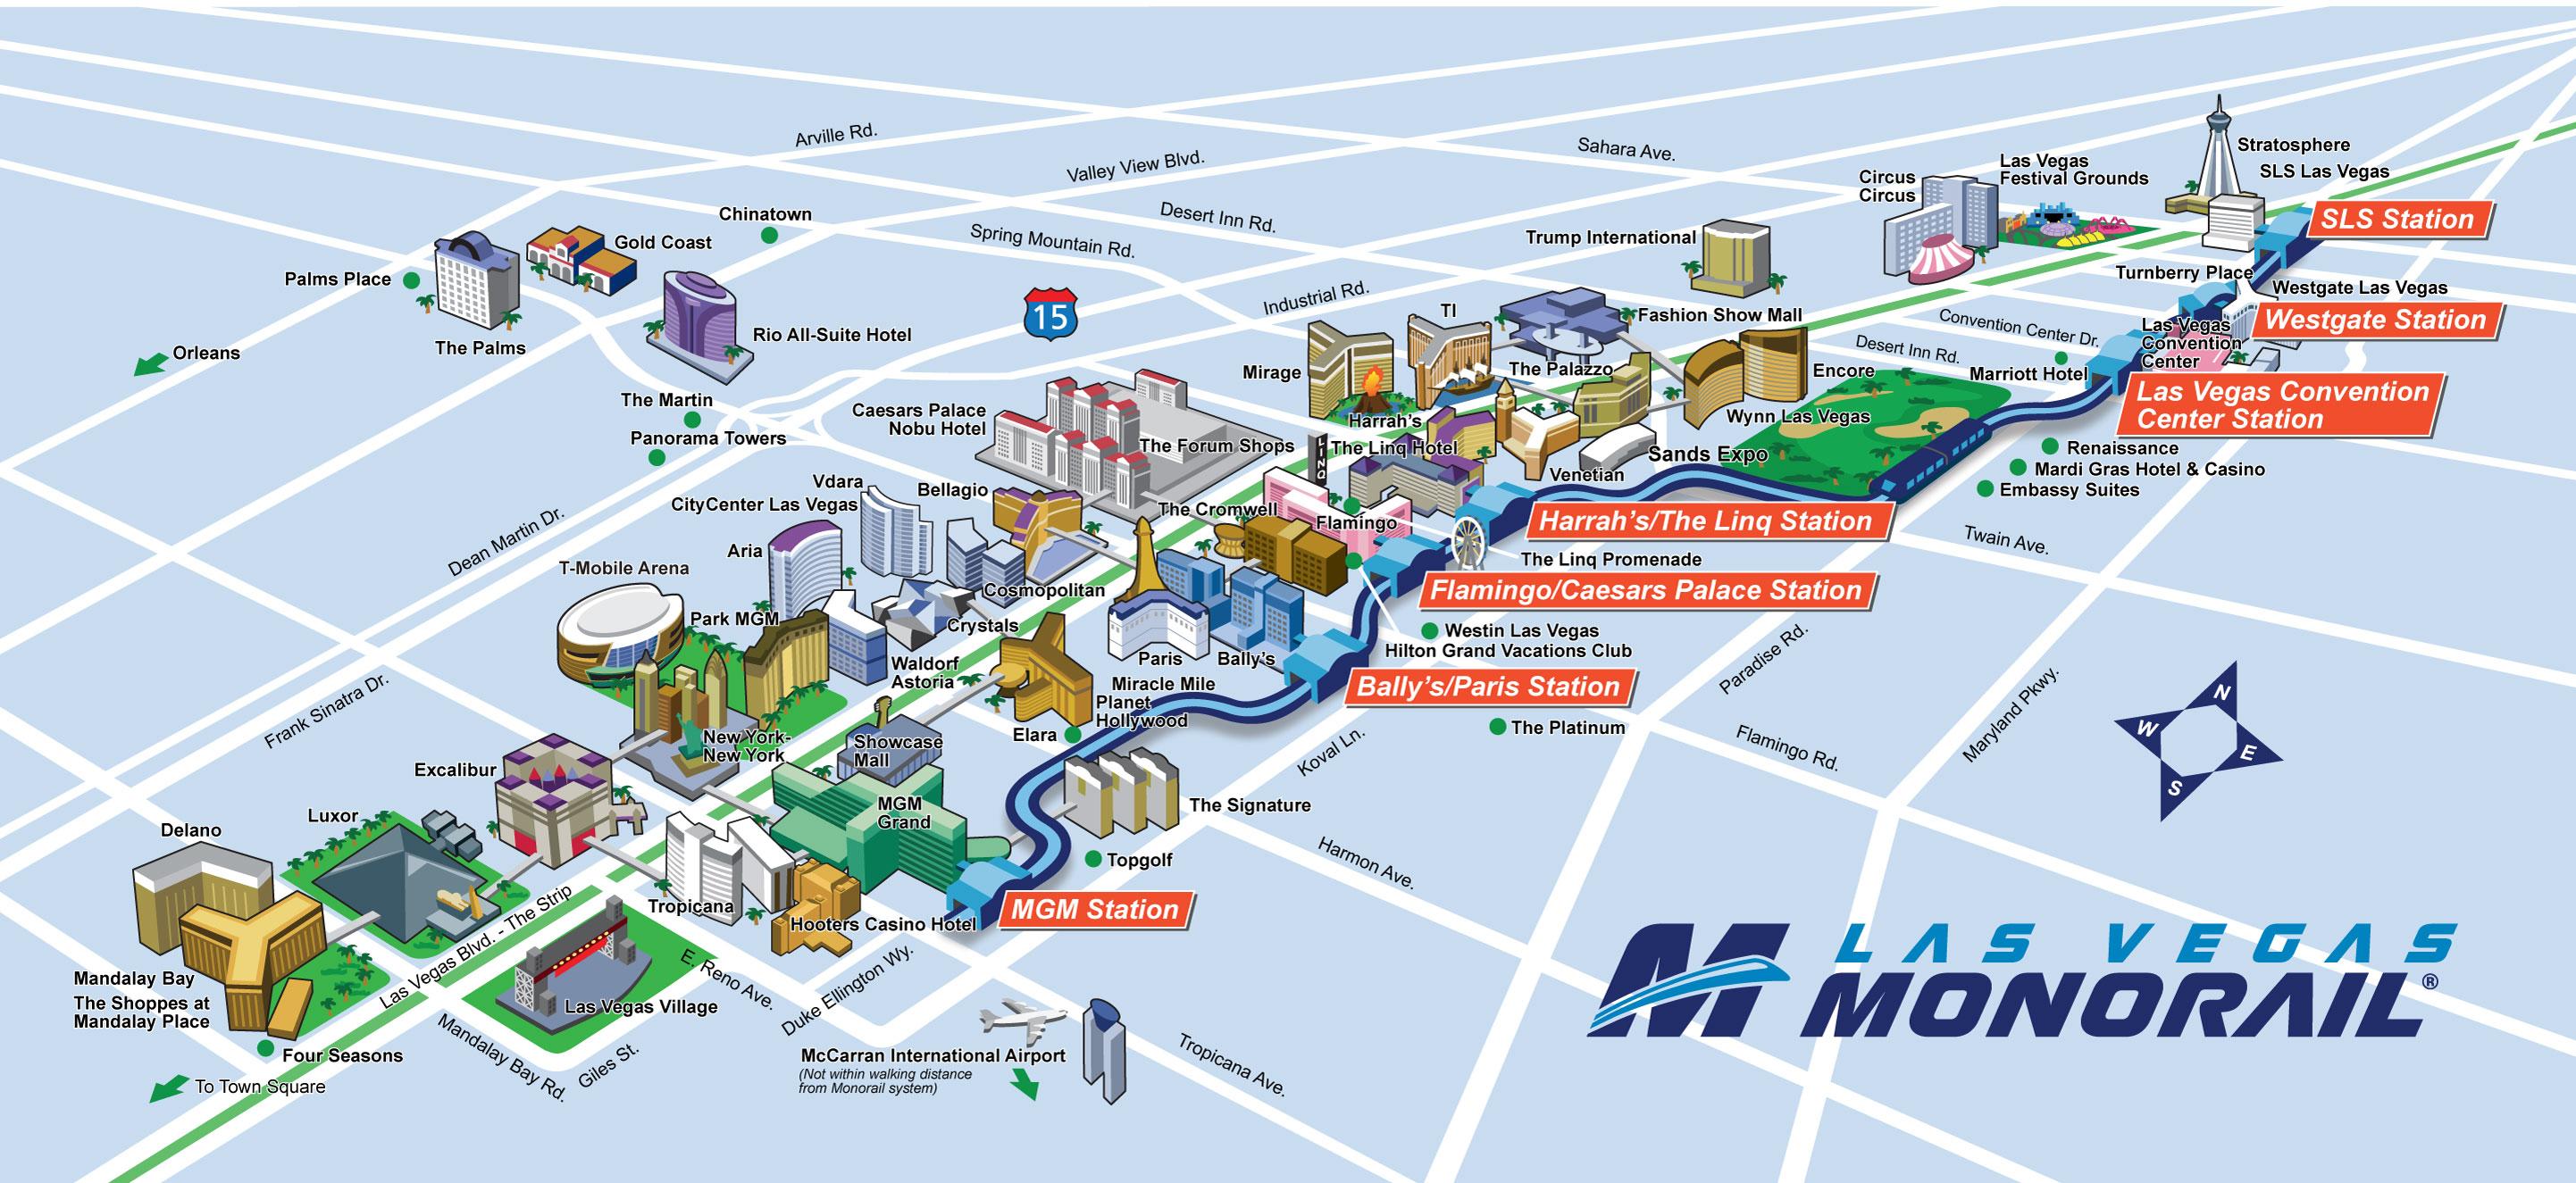 Monorail Las Vegas como funciona